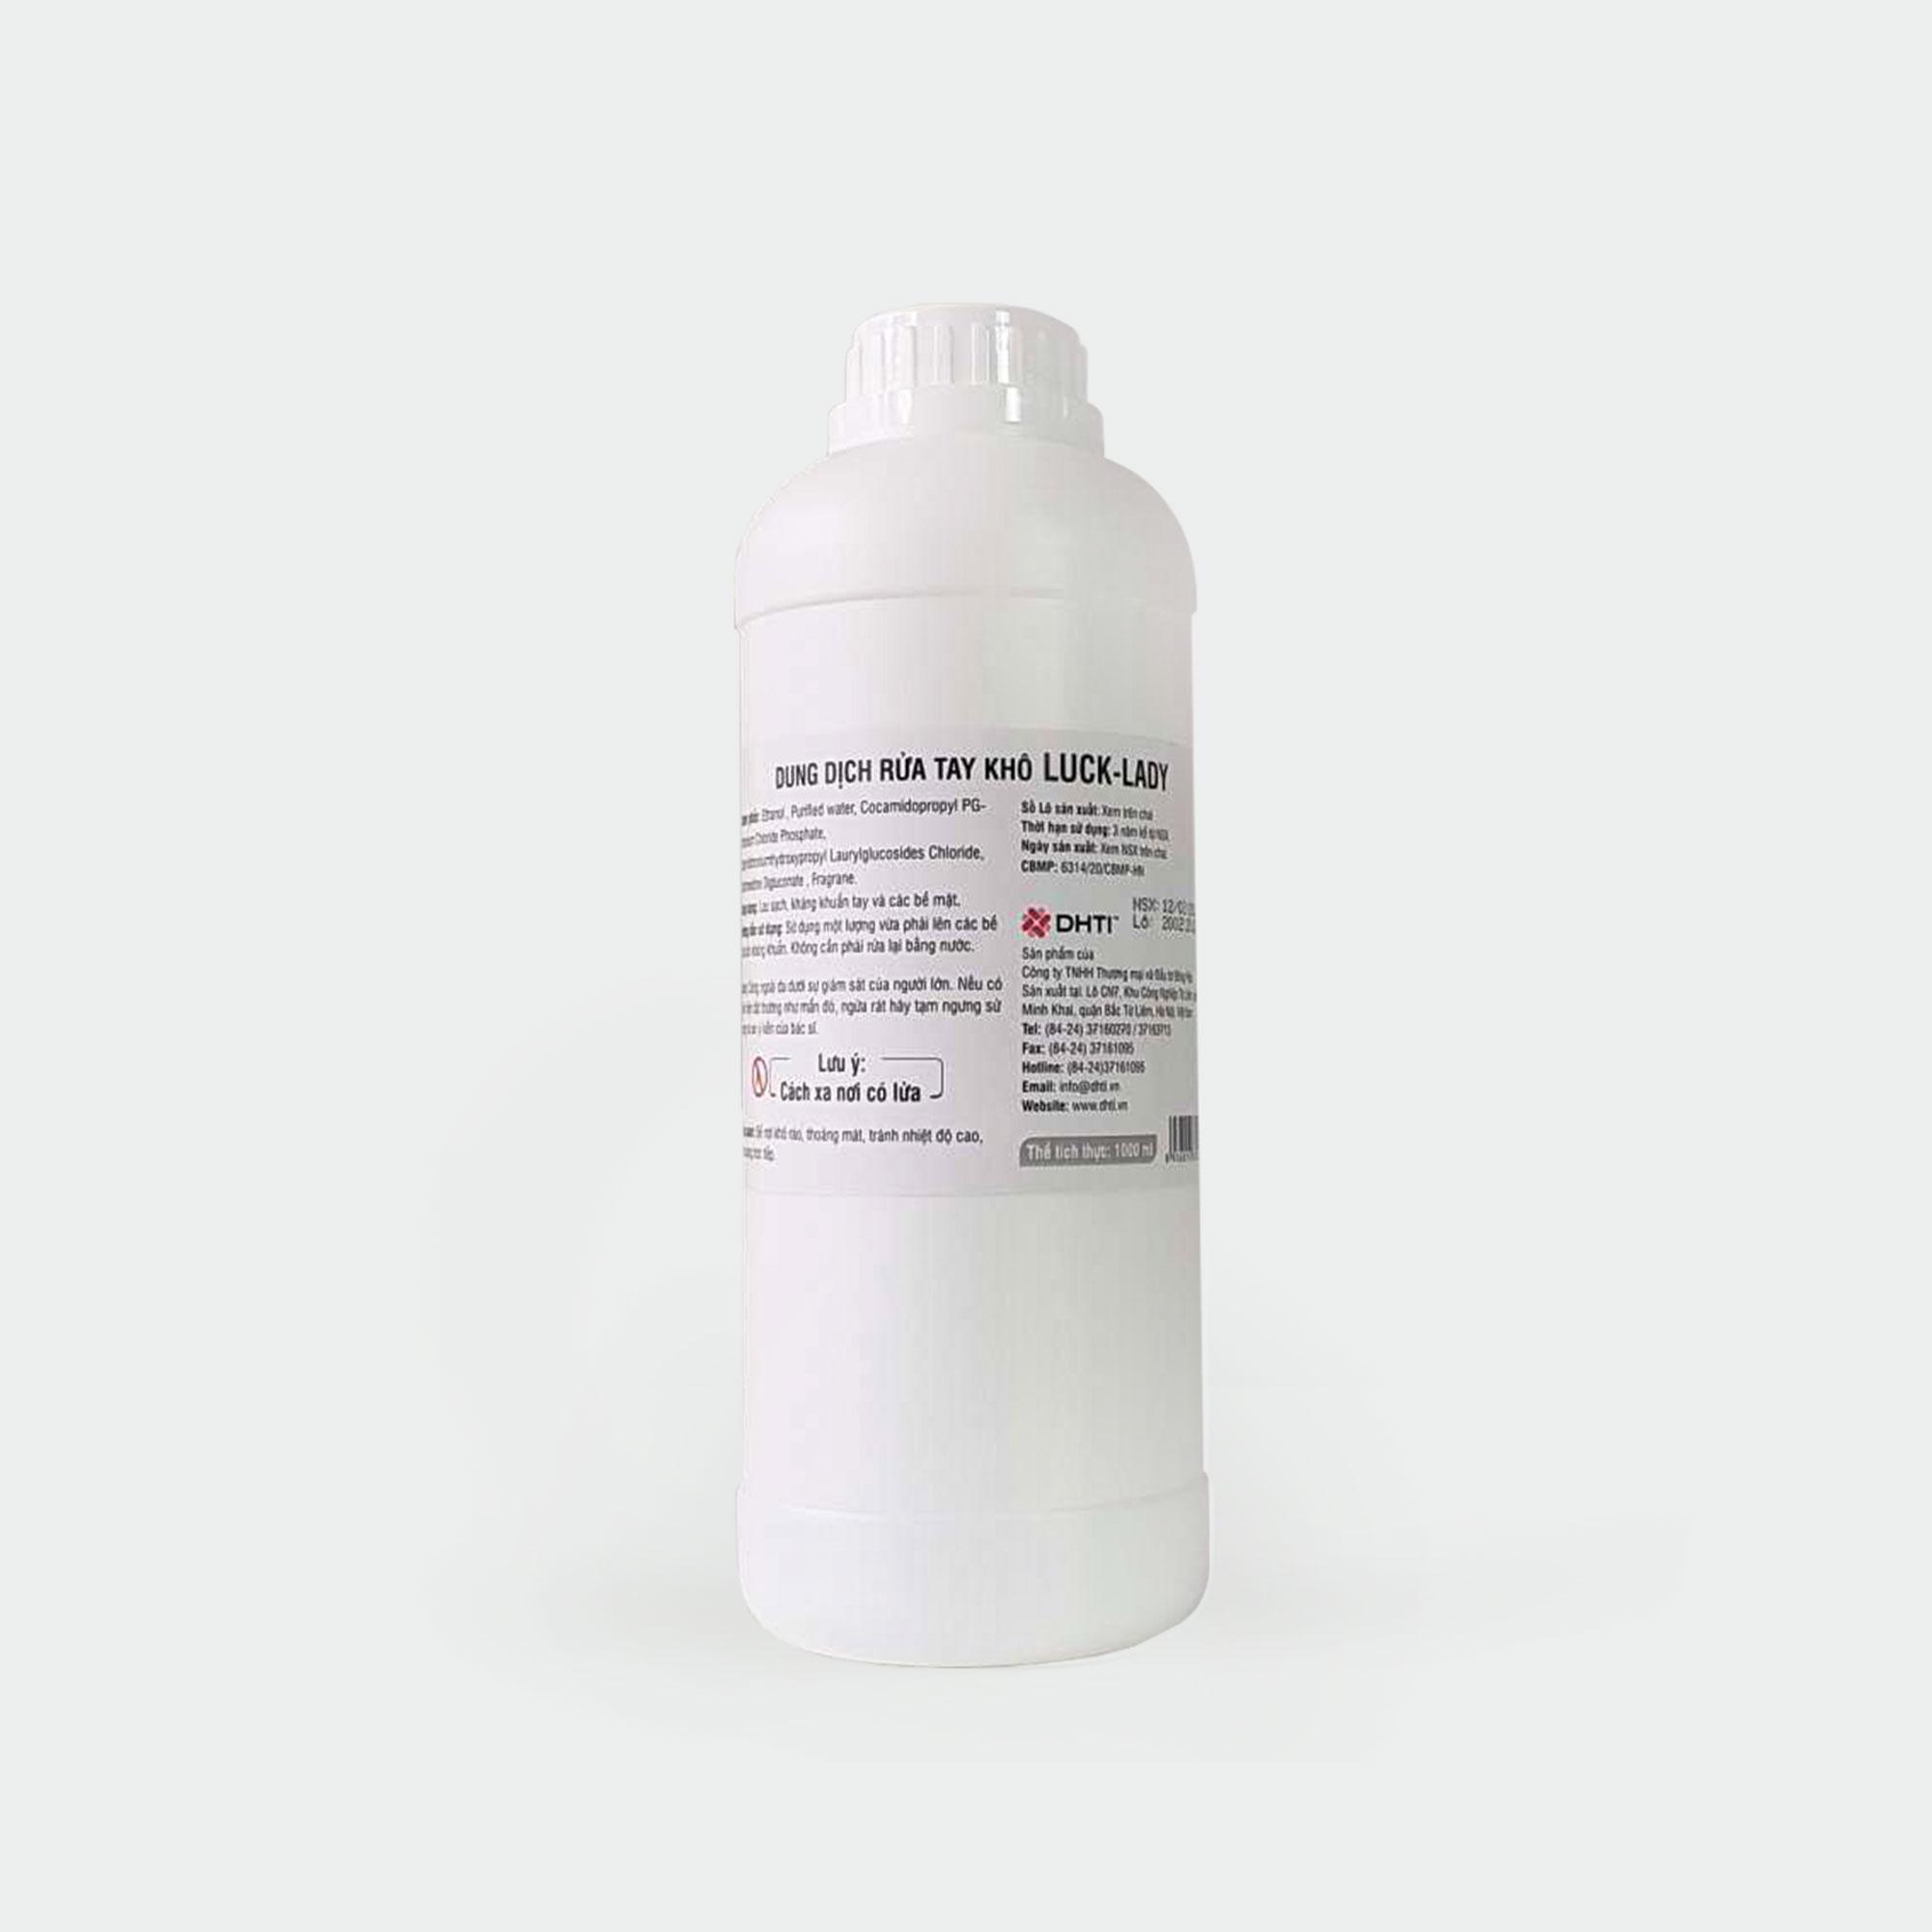 Dung dịch rửa tay khô Luck Lady (1 lít/ chai) nhập khẩu